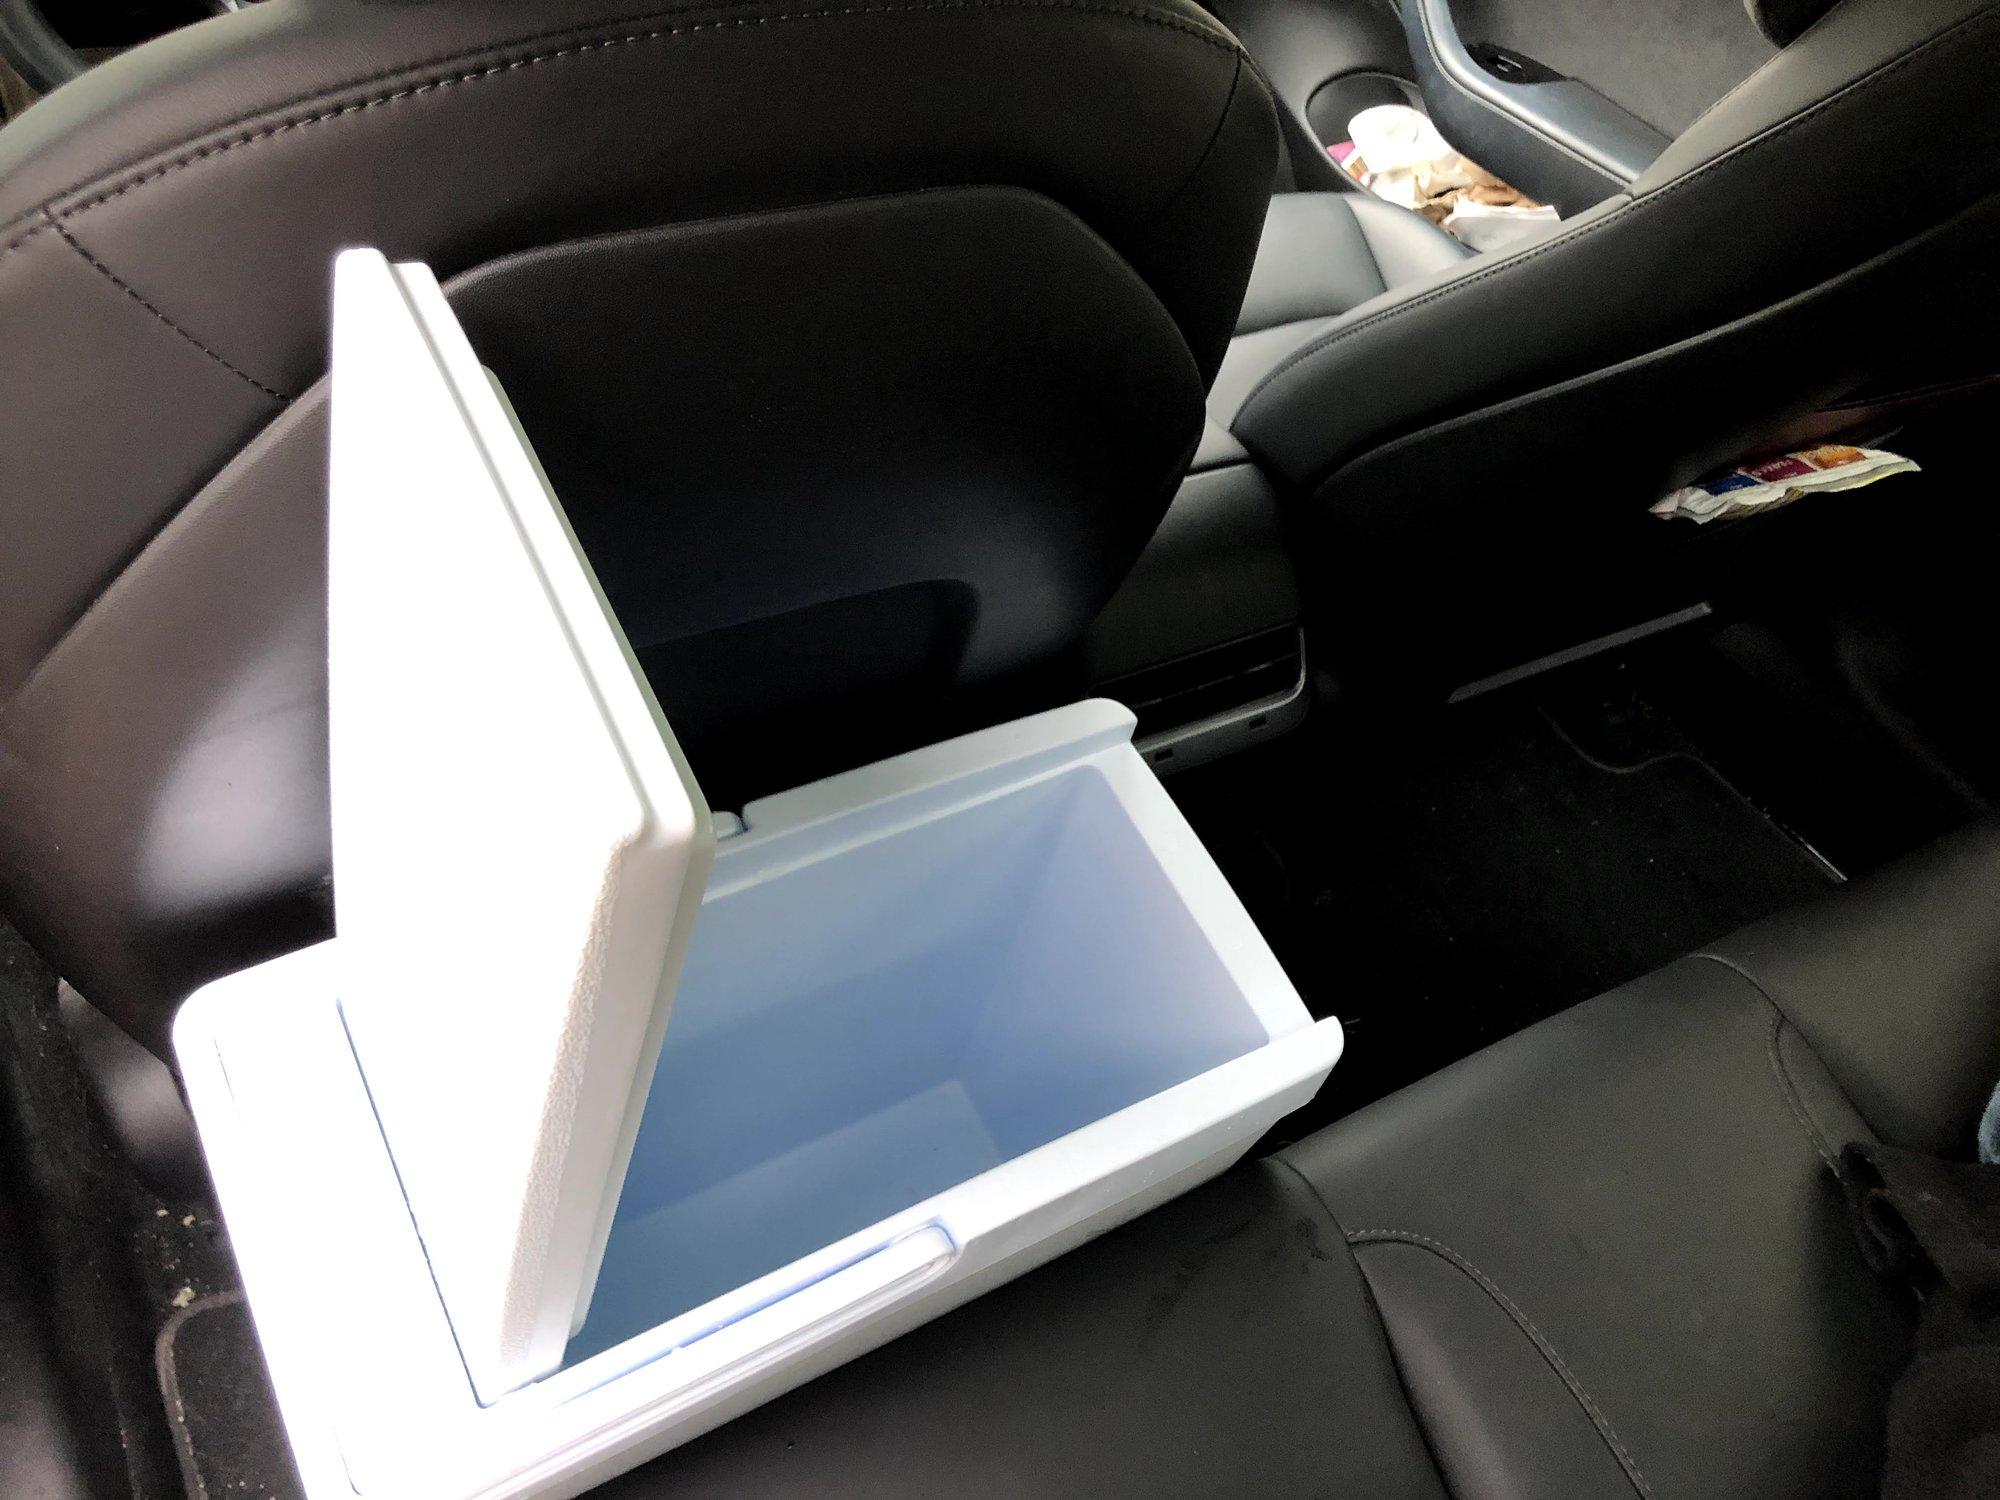 P20 door open behind seat.jpg